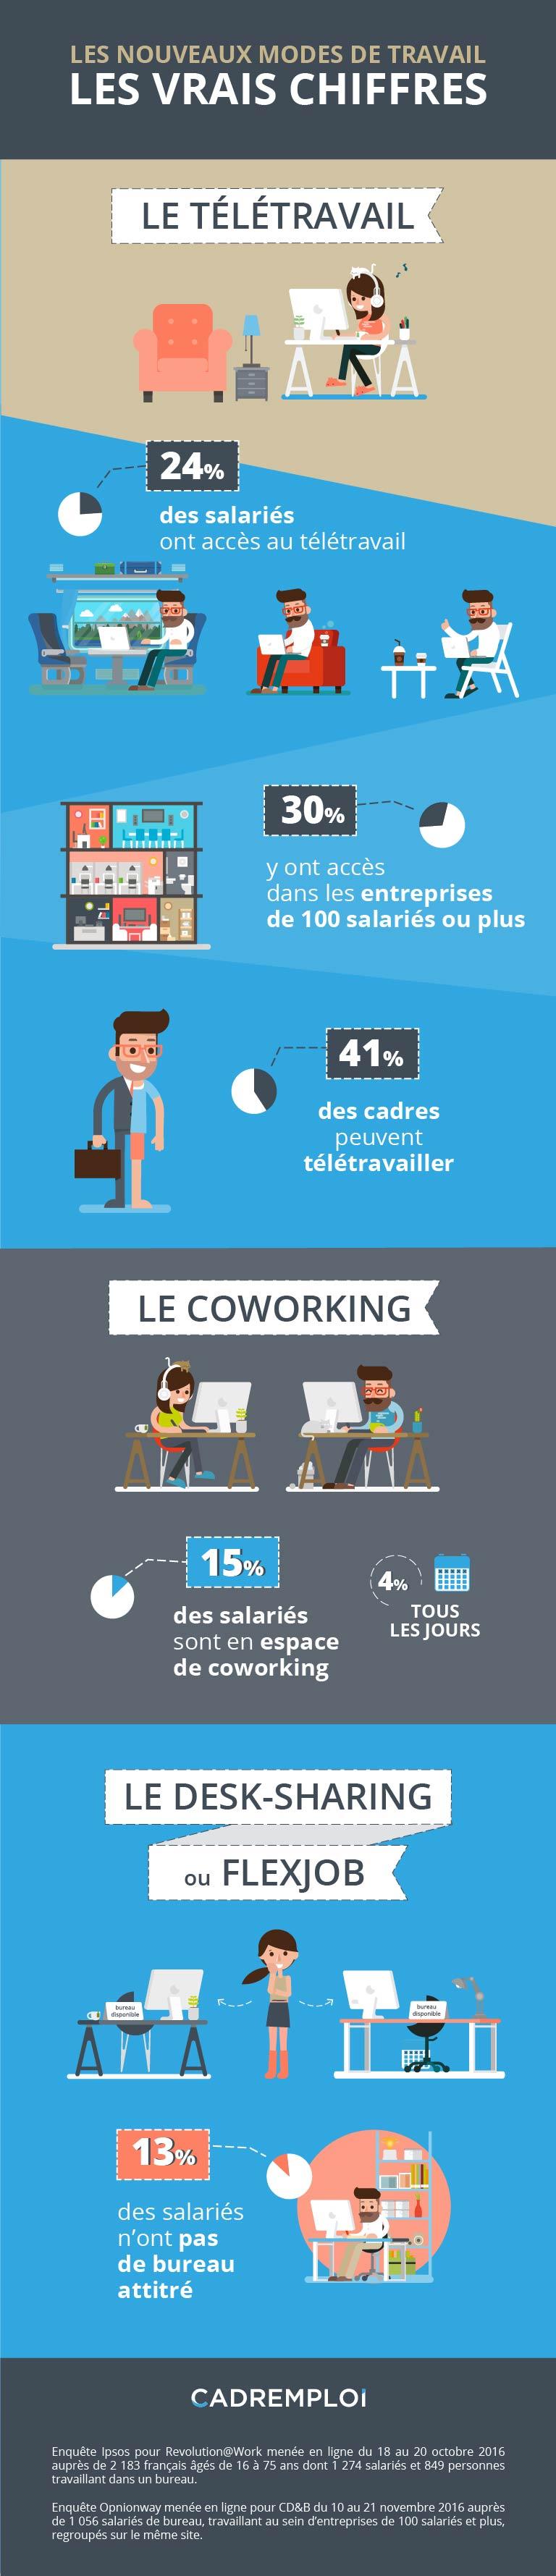 Et toi, t'es plutôt coworking, télé-travail ou desk-sharing ?